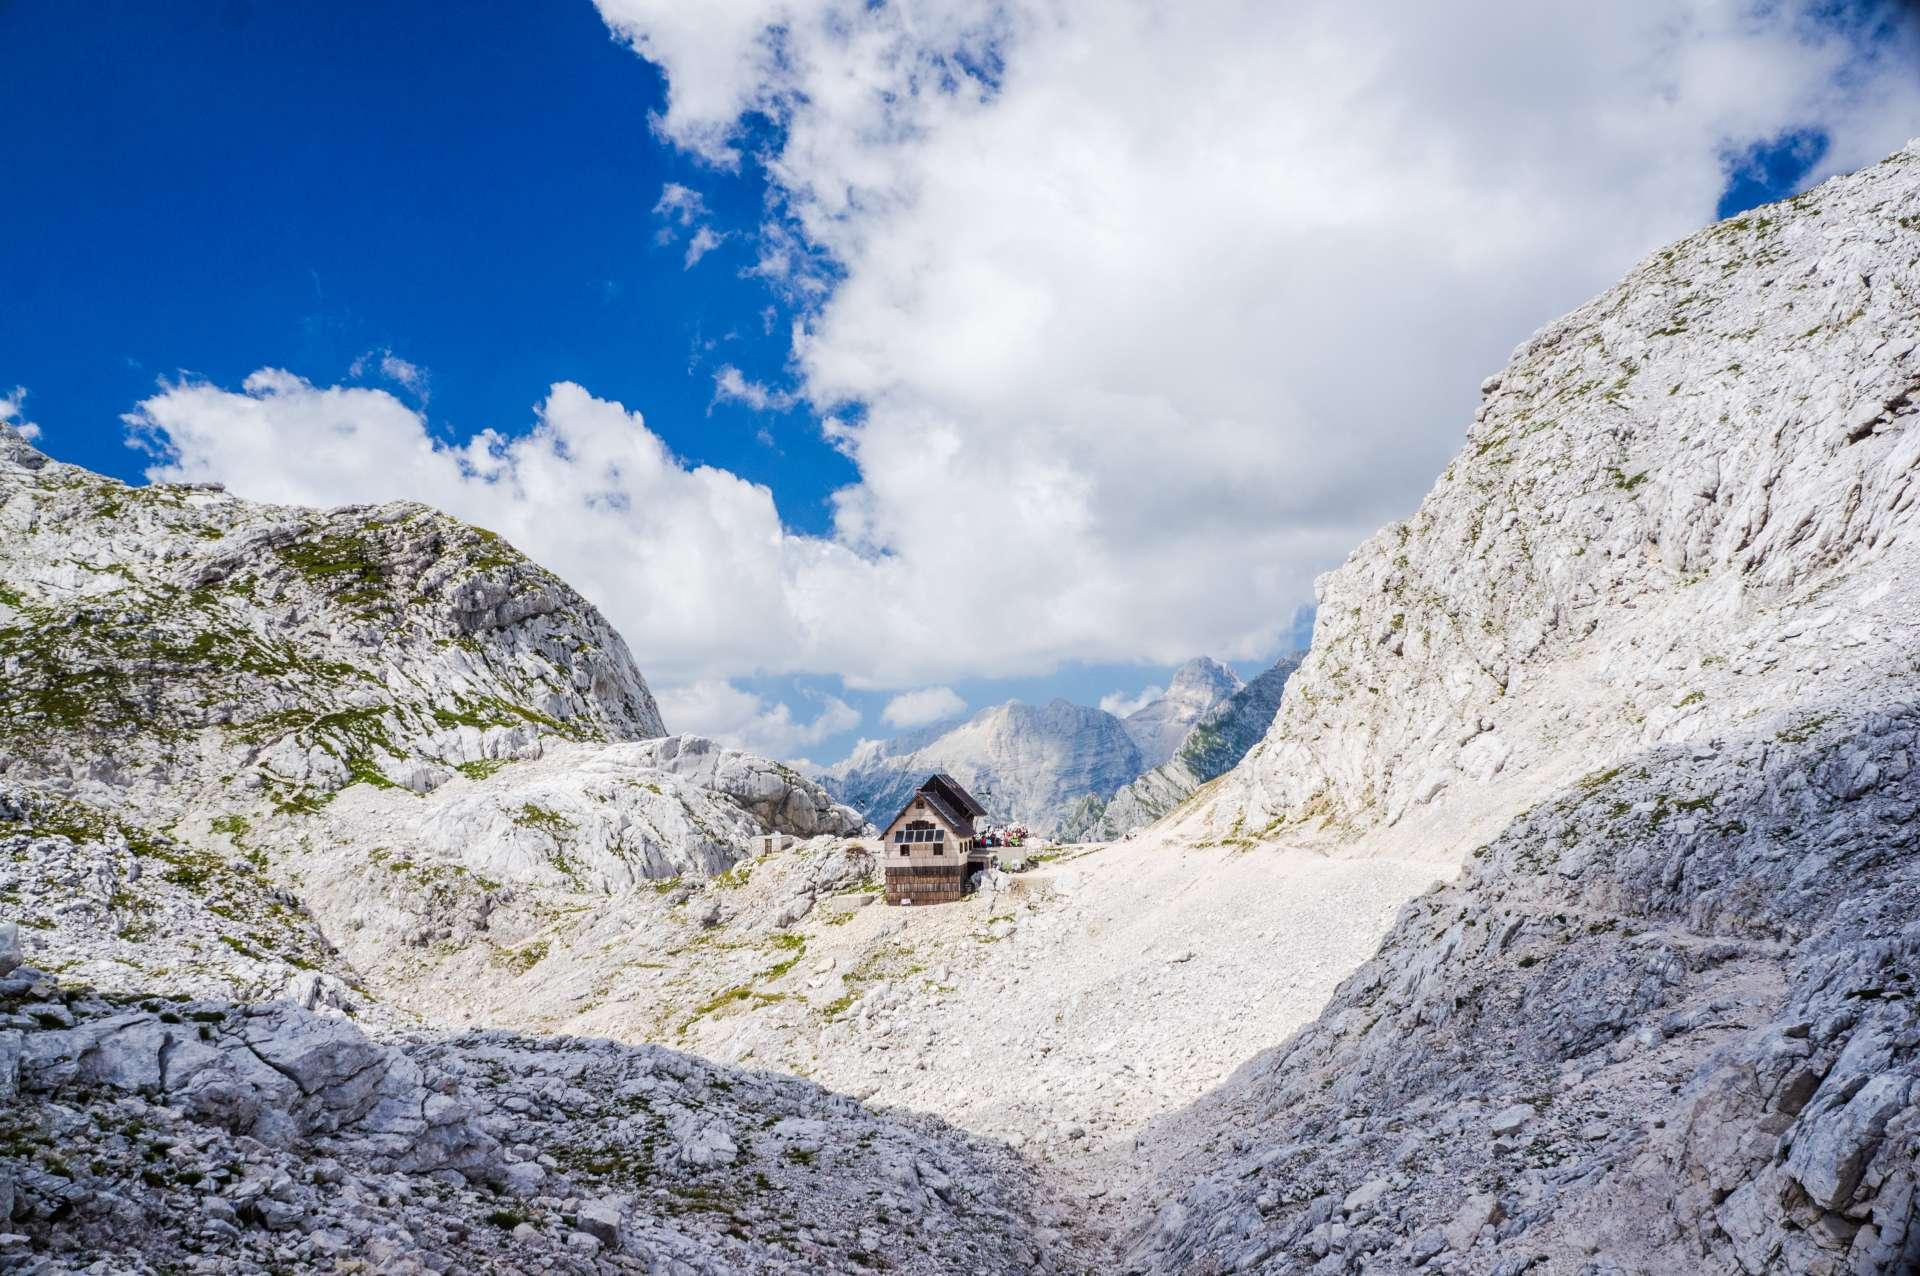 Dolič hut above Zadnjica valley